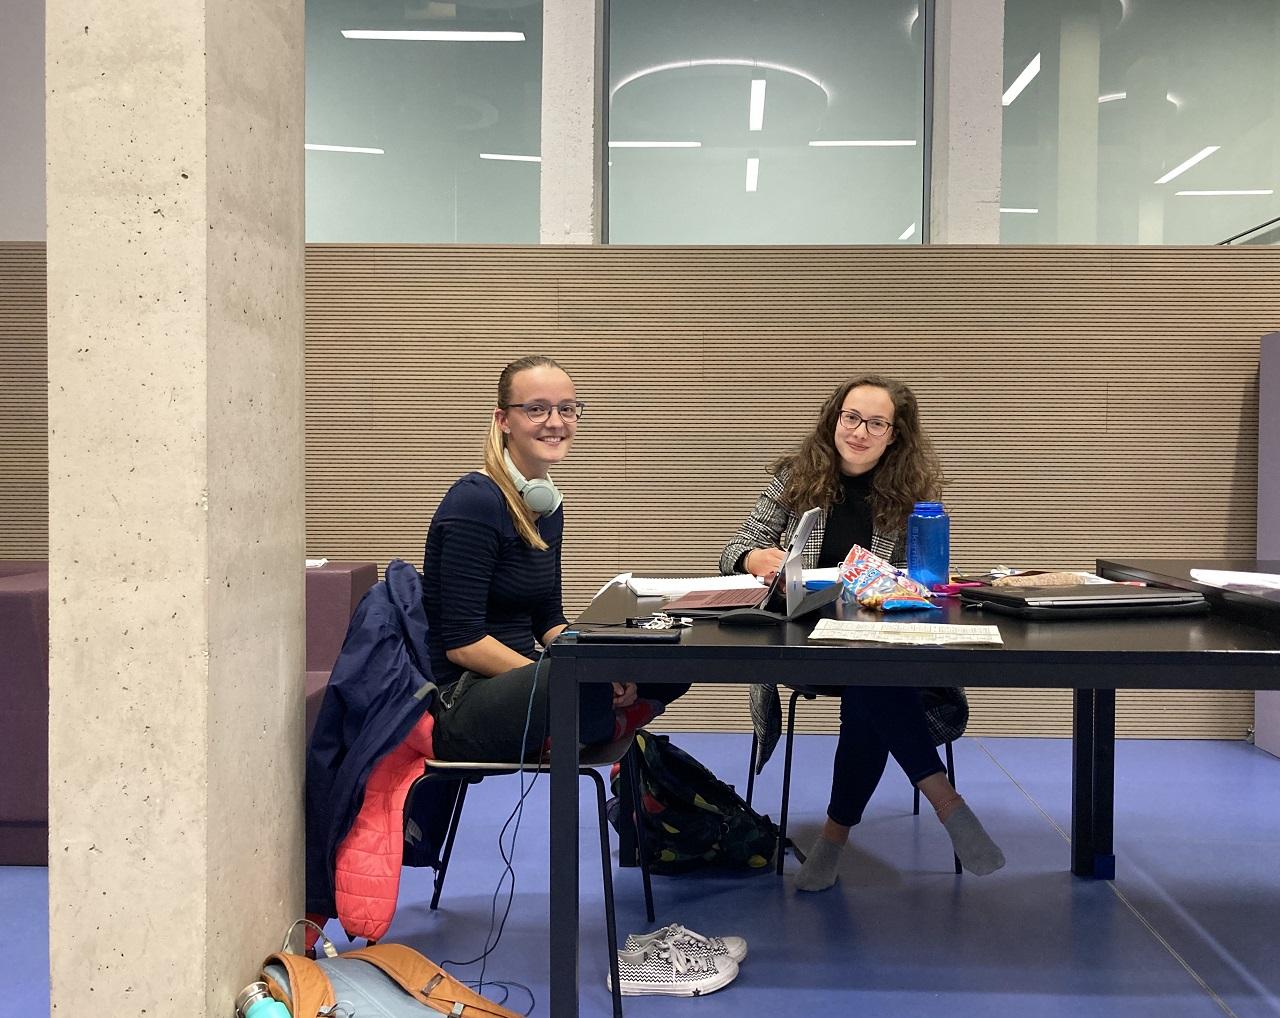 Zwei Studentinnen der Verfahrenstechnik sind froh über die Ruhe in einem Lernraum der Technischen Universität Graz.